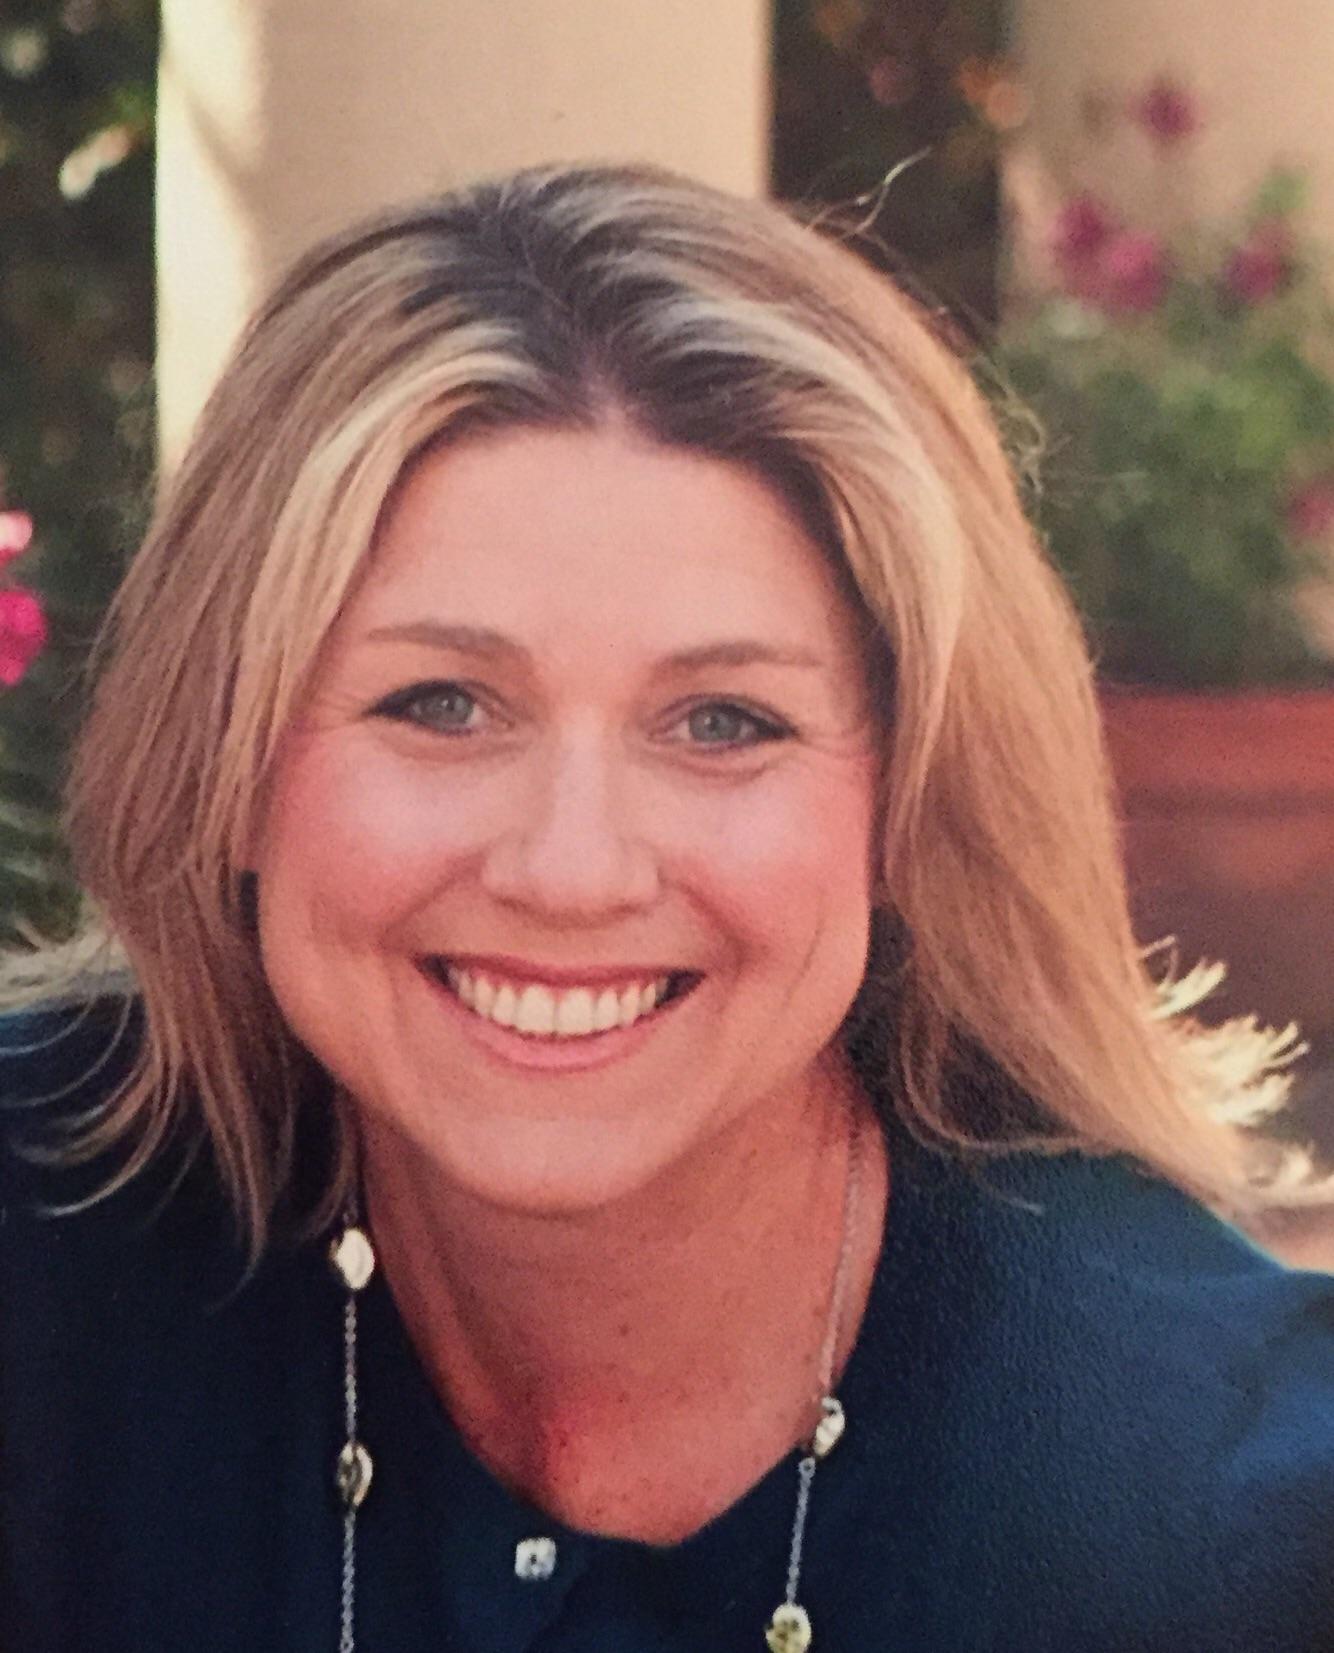 Amy Vann